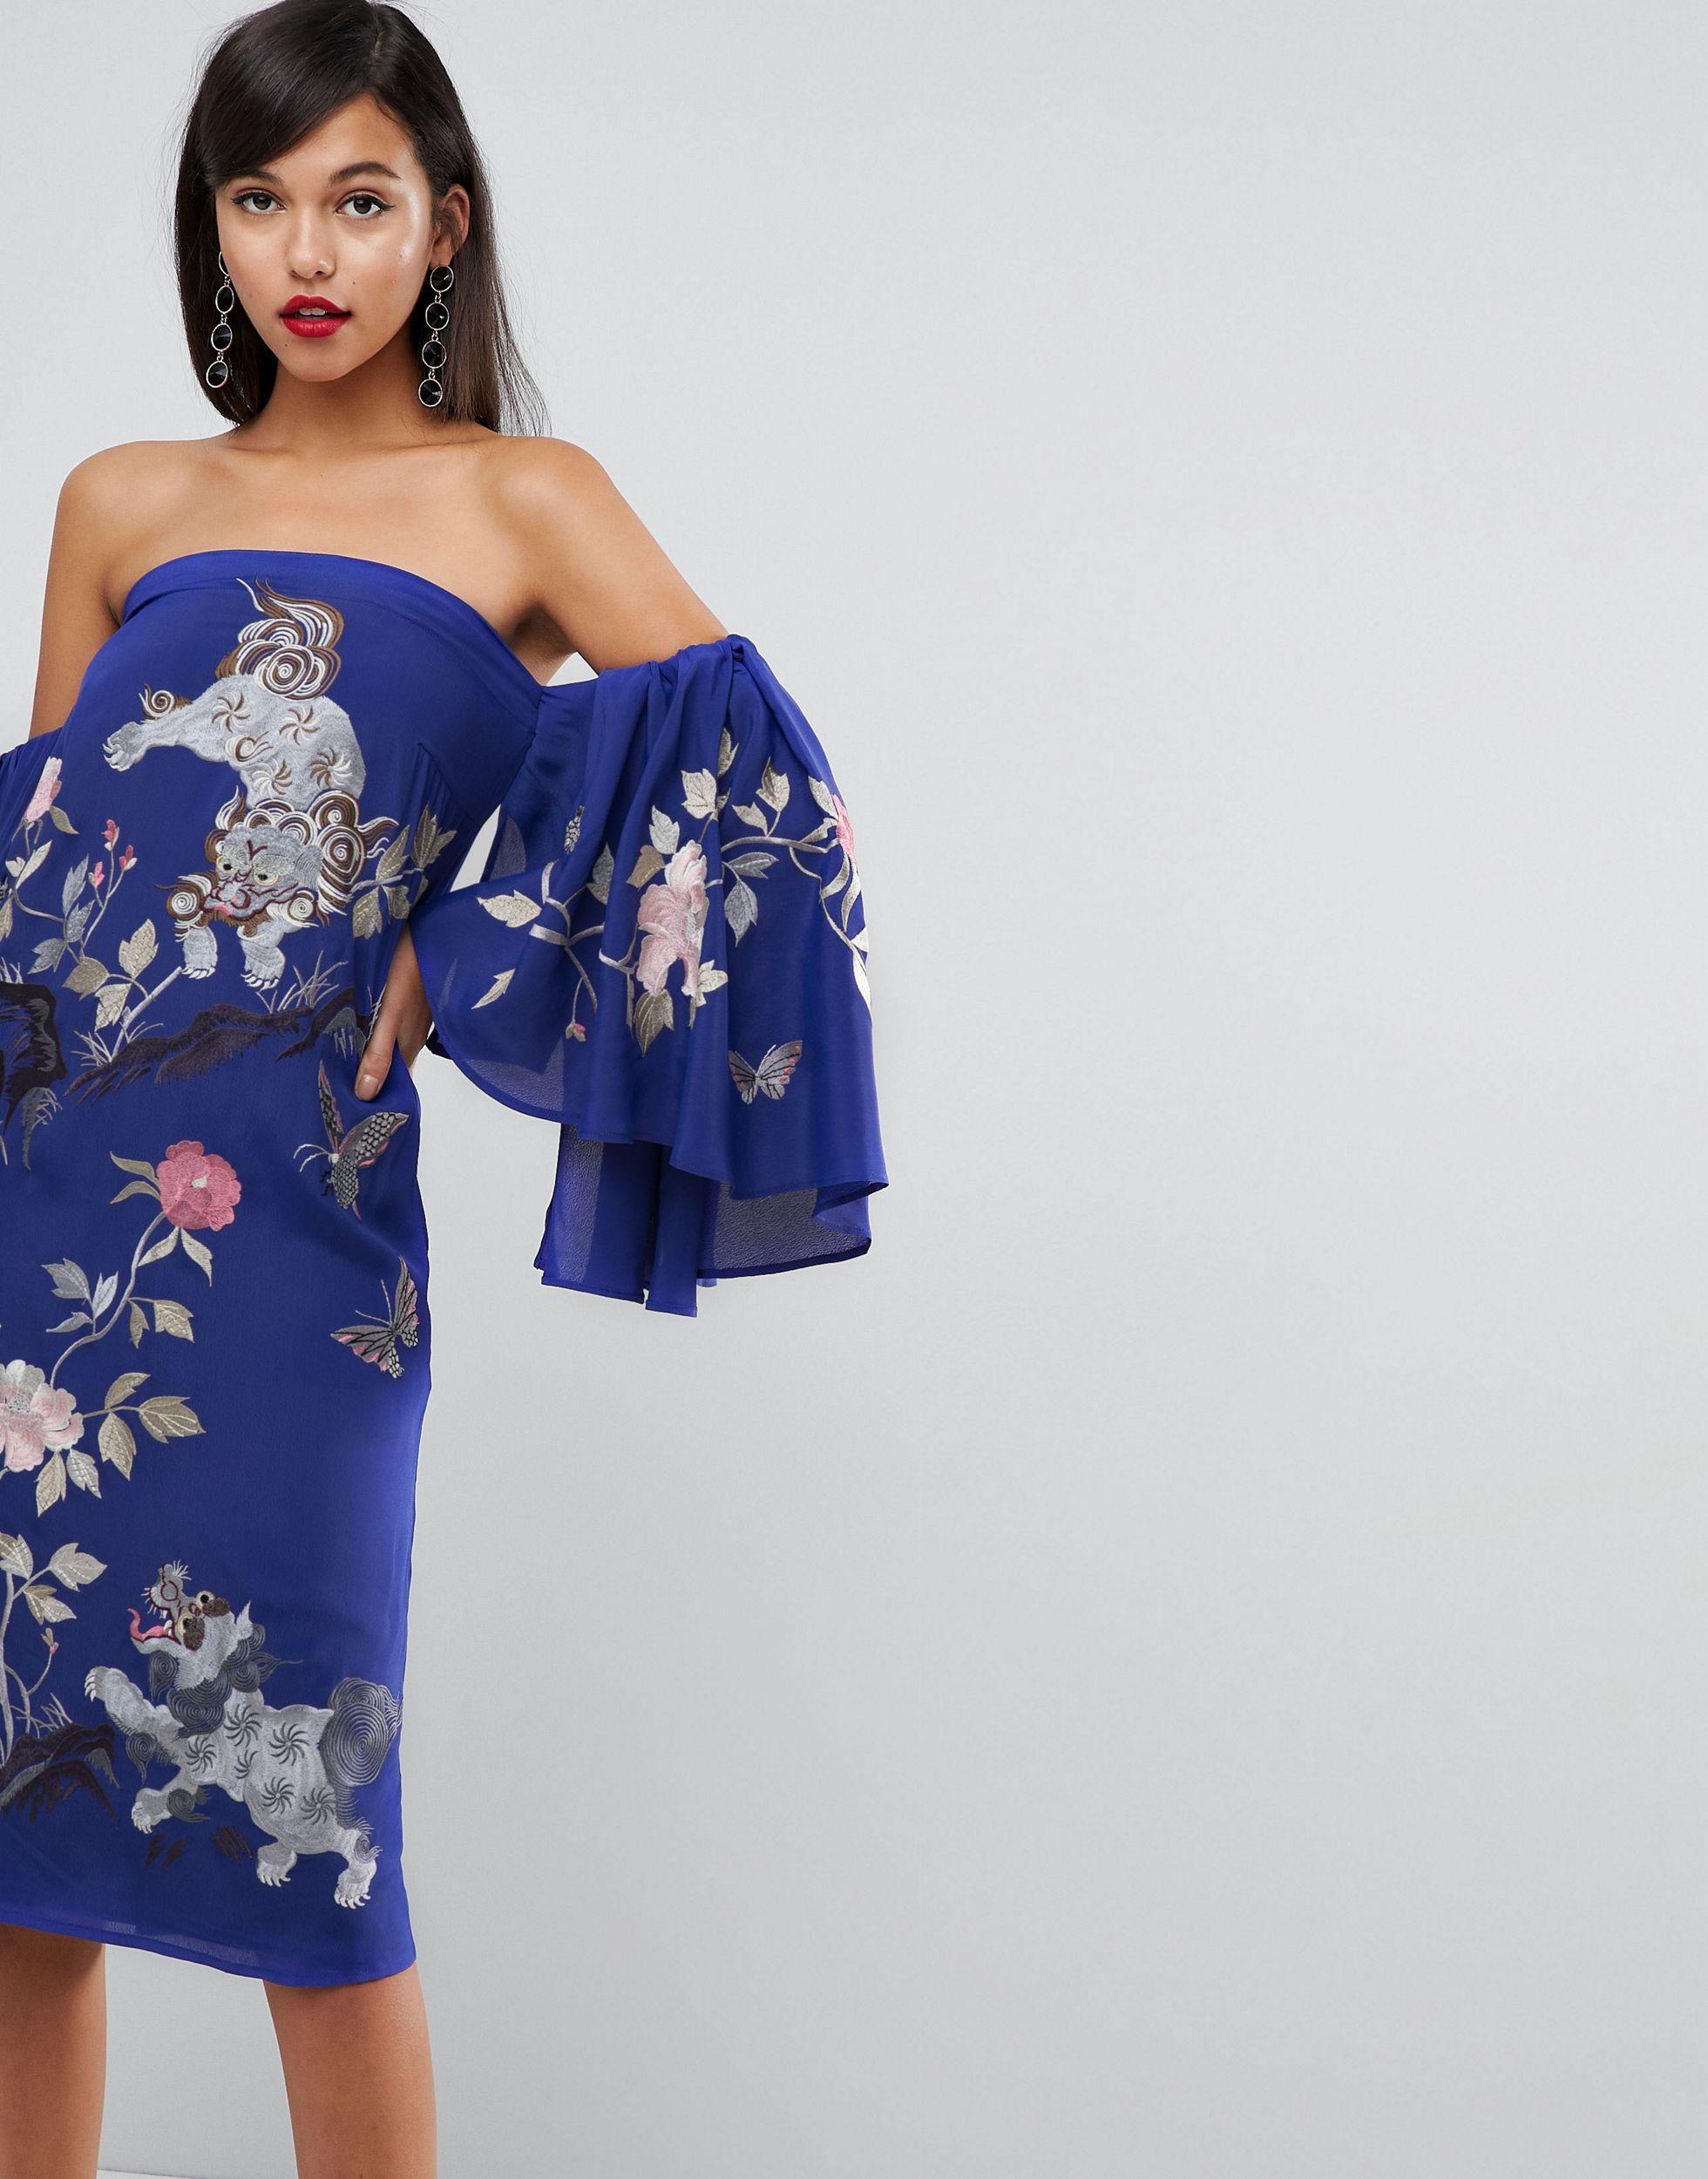 ASOS - Robe mi-longue style Bardot à manches larges et broderie dragon Jean ASOS en coloris Bleu